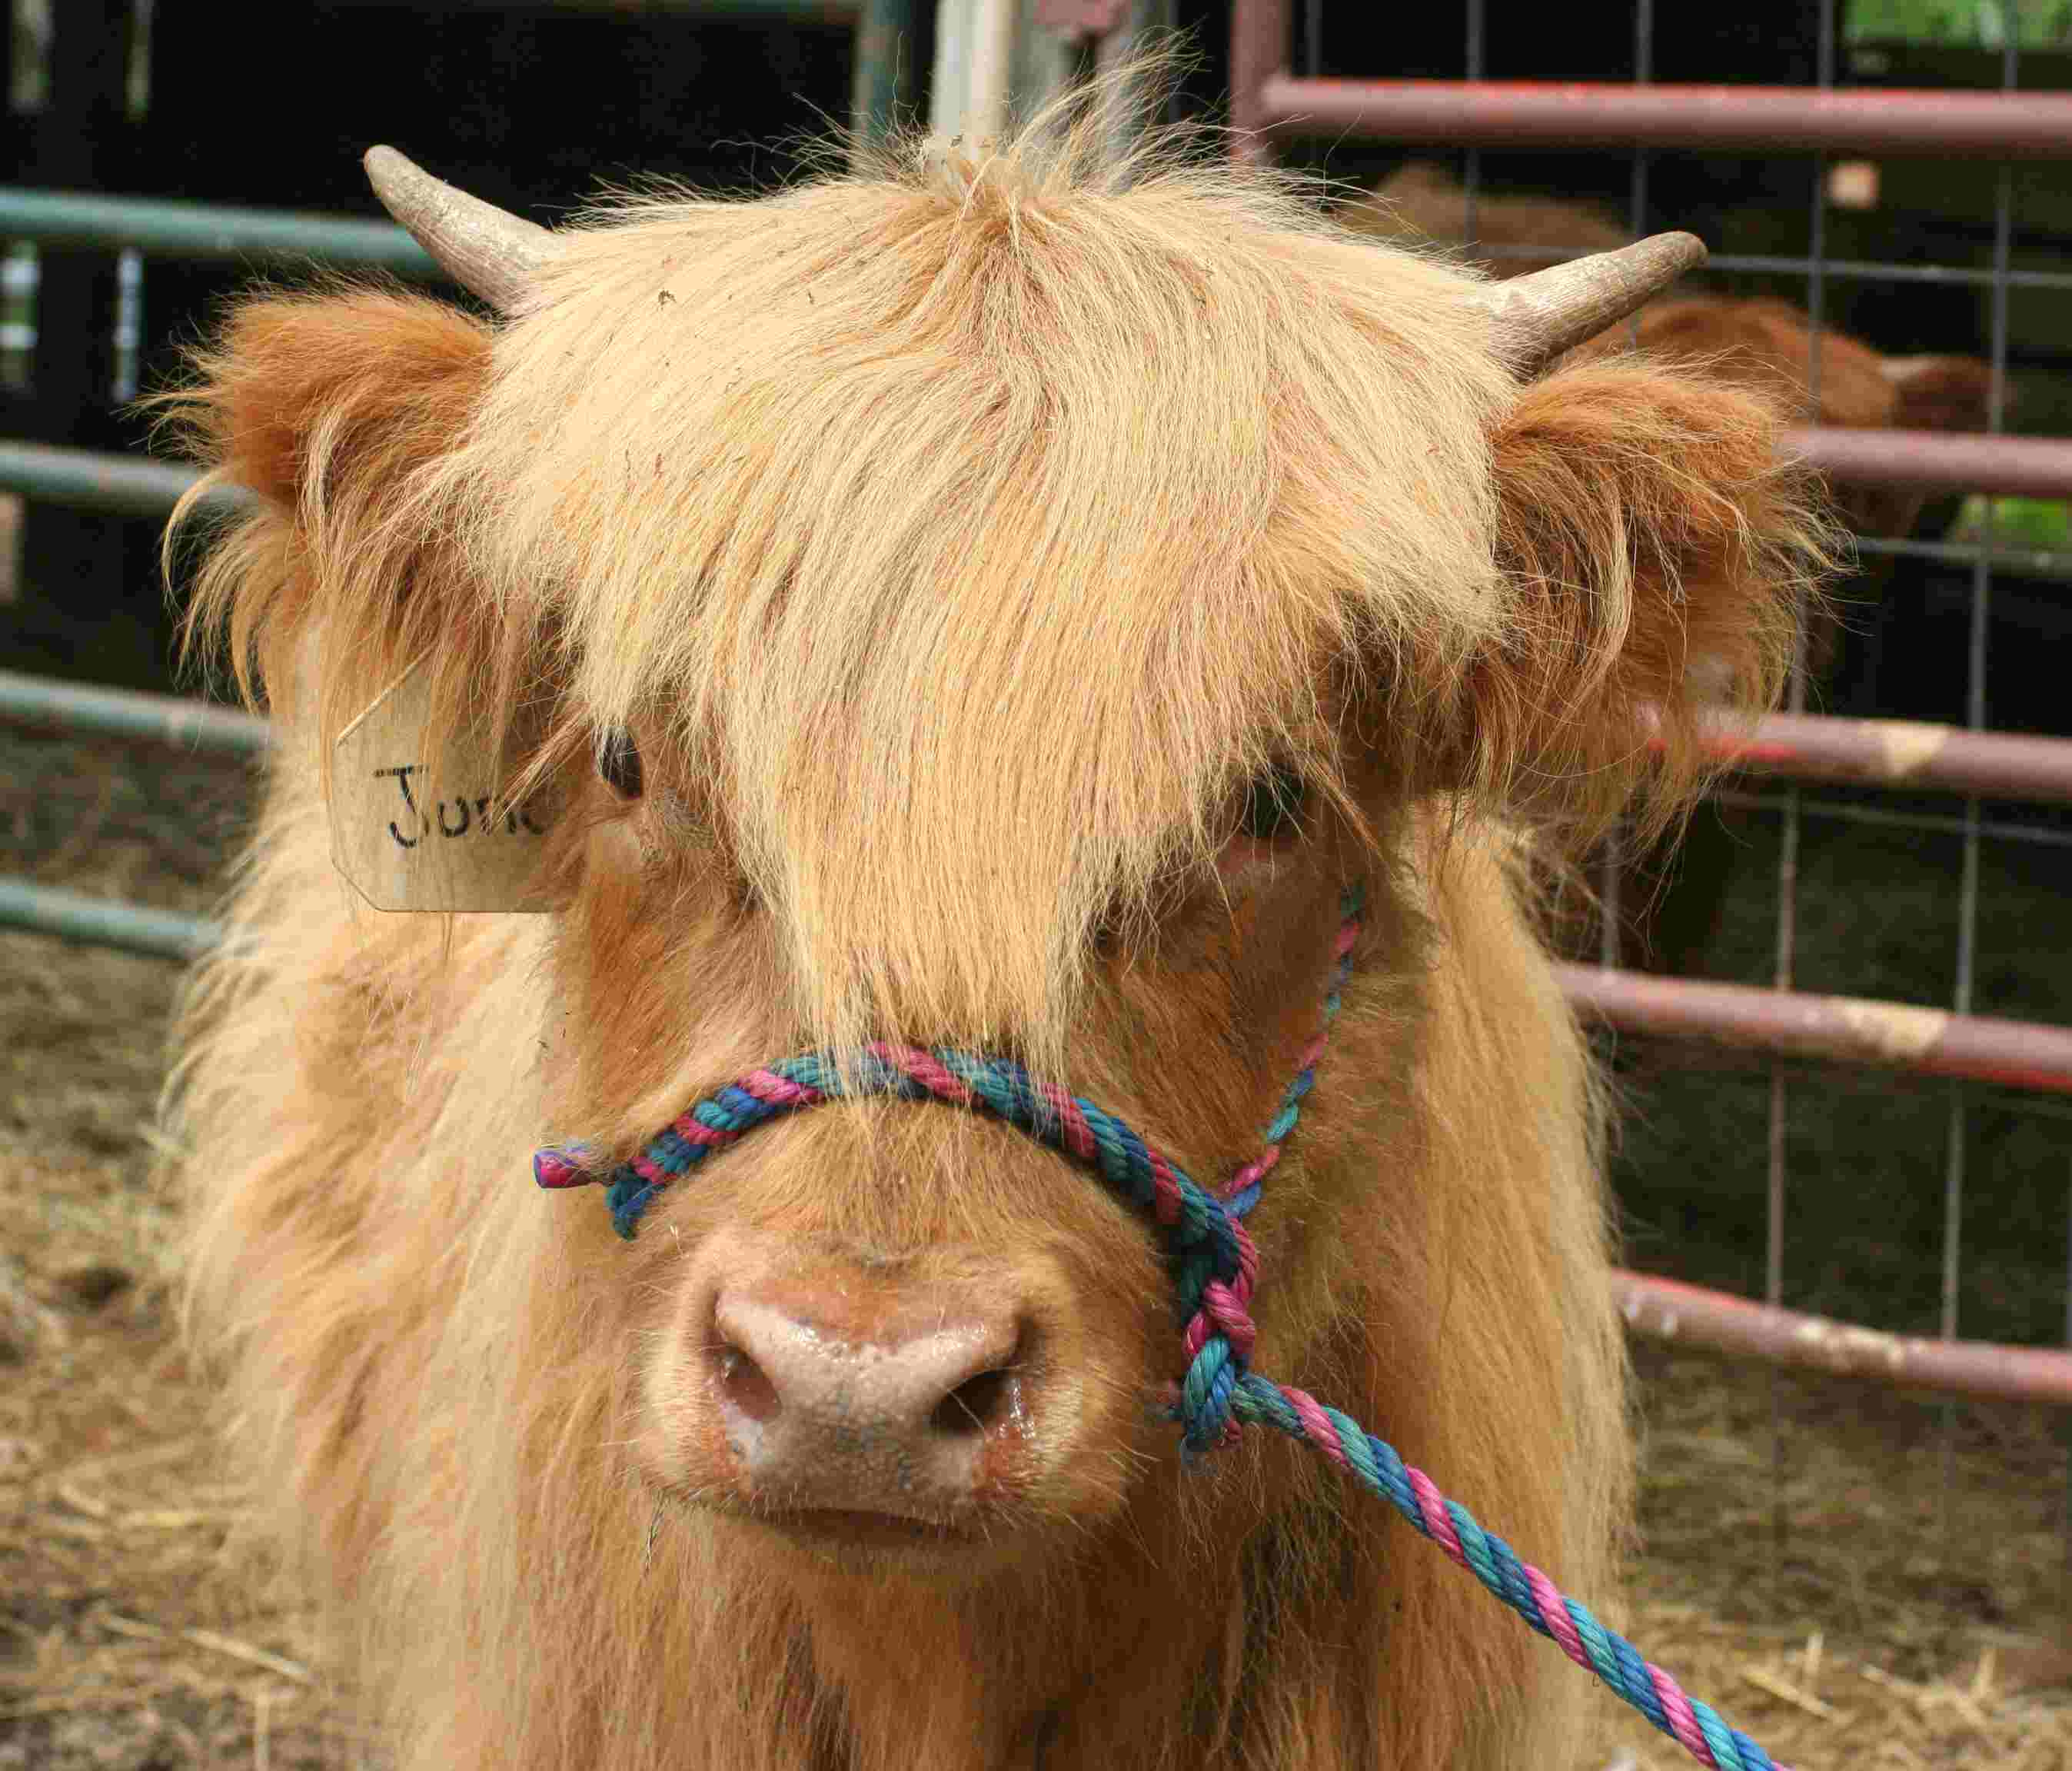 A Calf Is Born - June, 2020